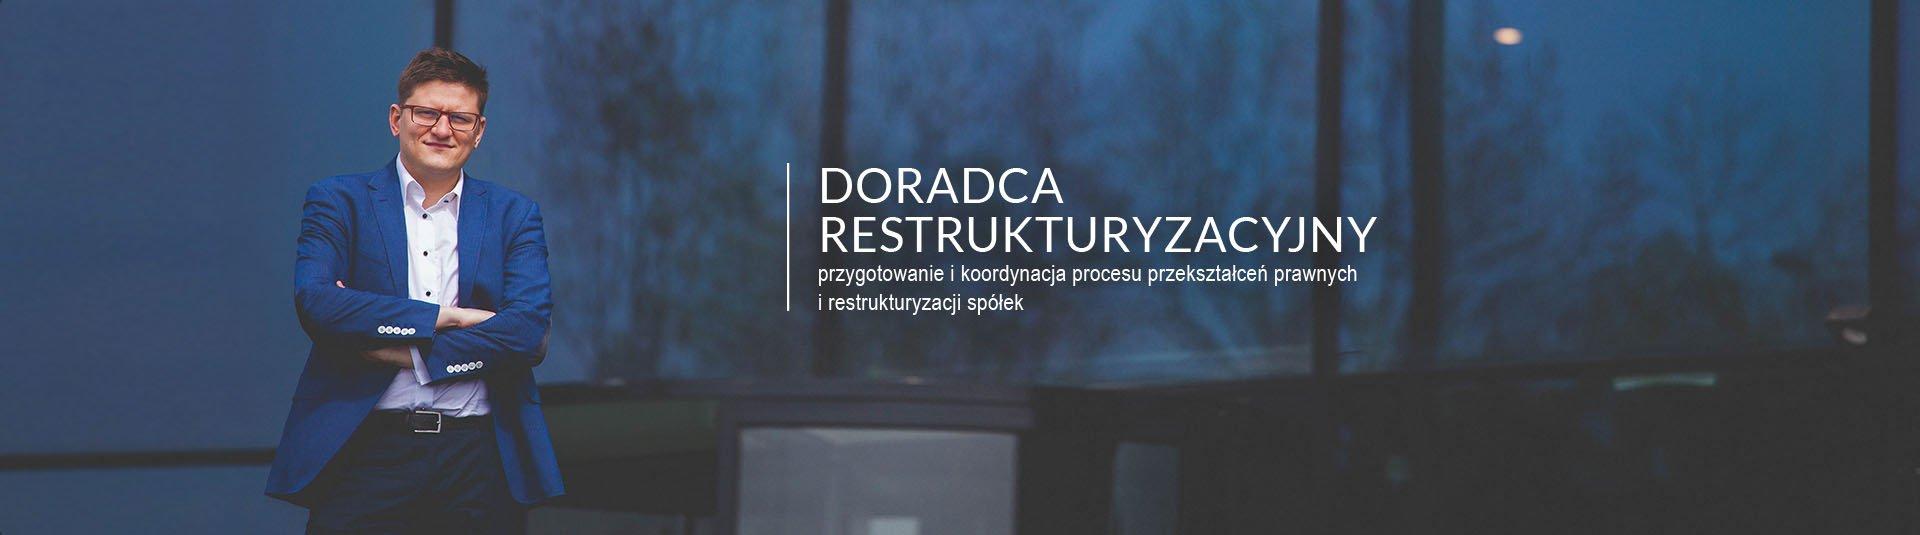 doradca restrukturyzacyjny - przekształcenia